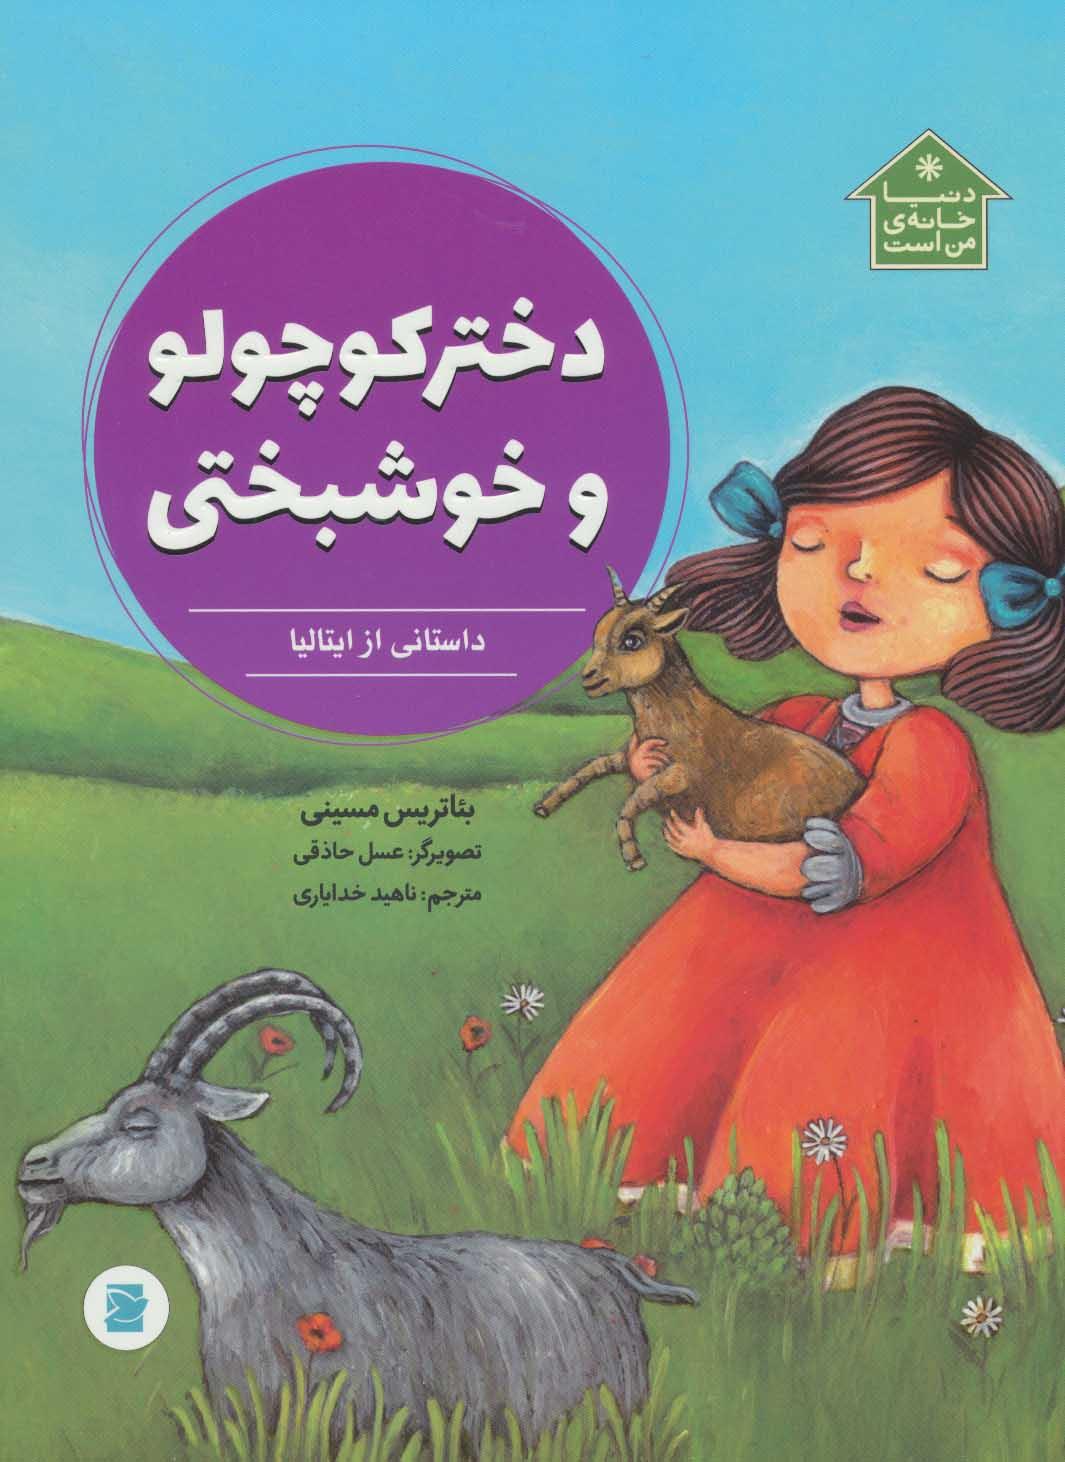 کتاب دختر کوچولو و خوشبختی